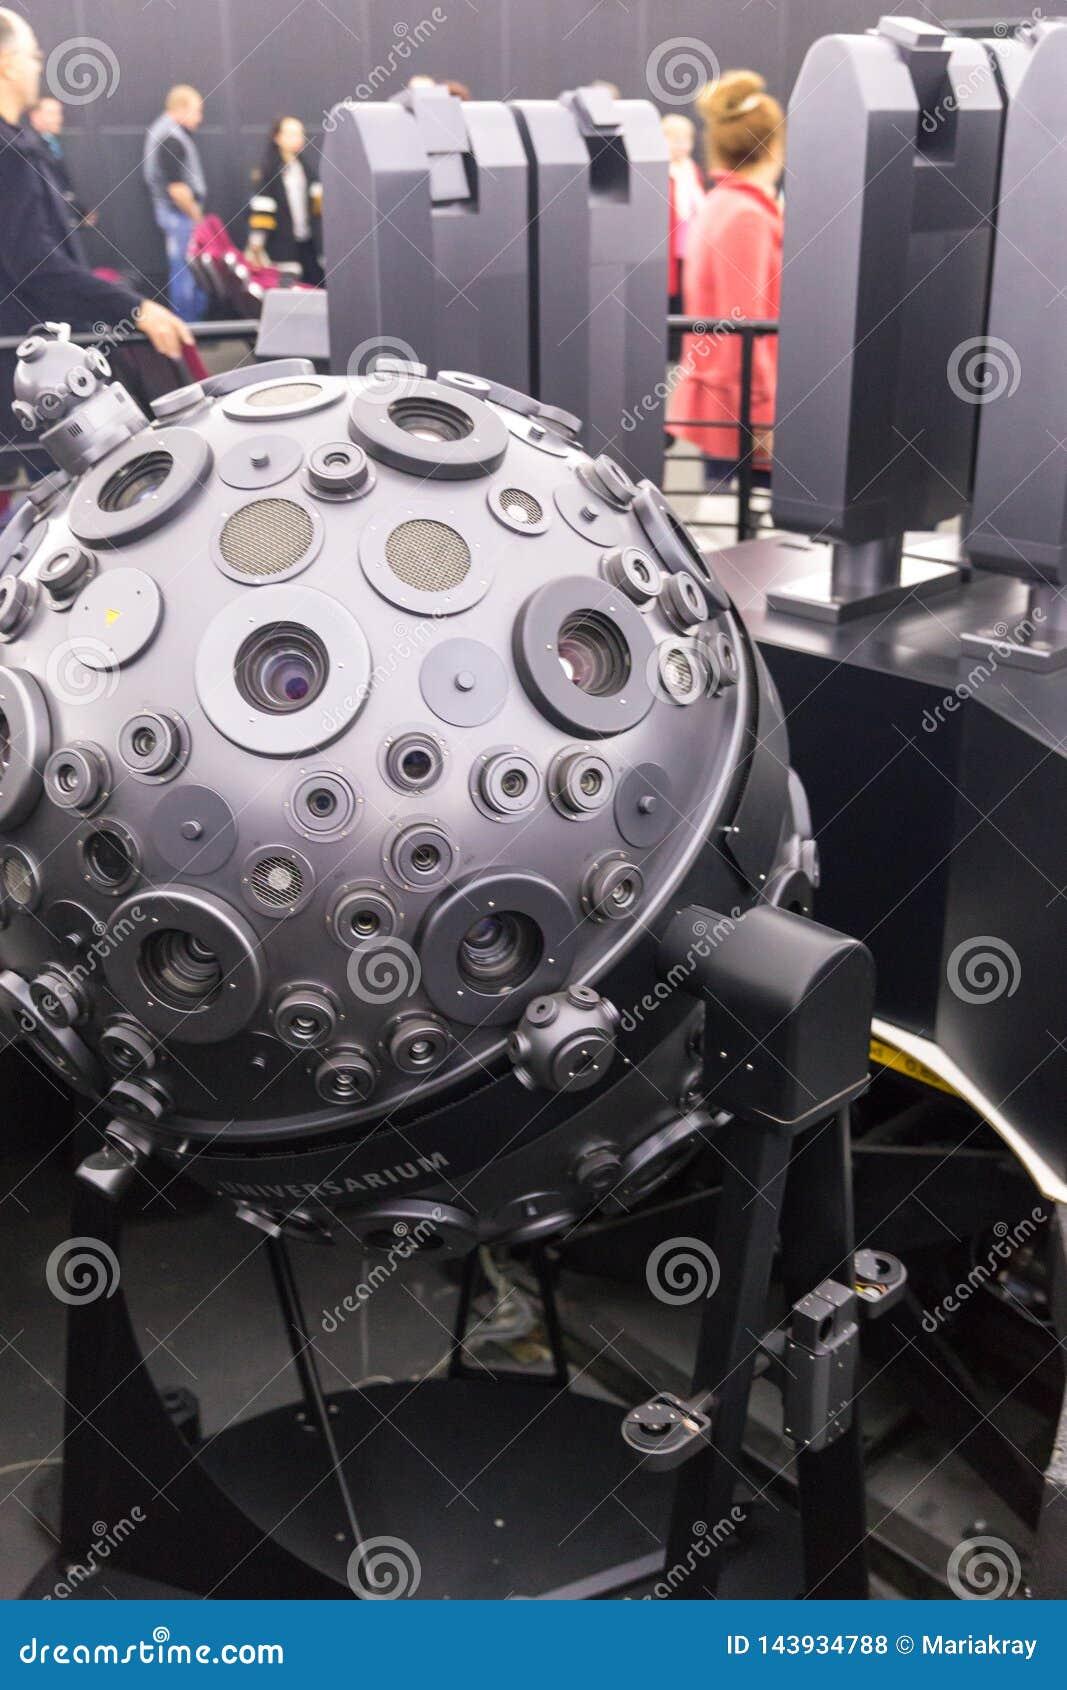 MOSCA, RUSSIA - 28 SETTEMBRE: Il proiettore optomechanical di Cosmorama del planetario a Mosca I presente del planetario